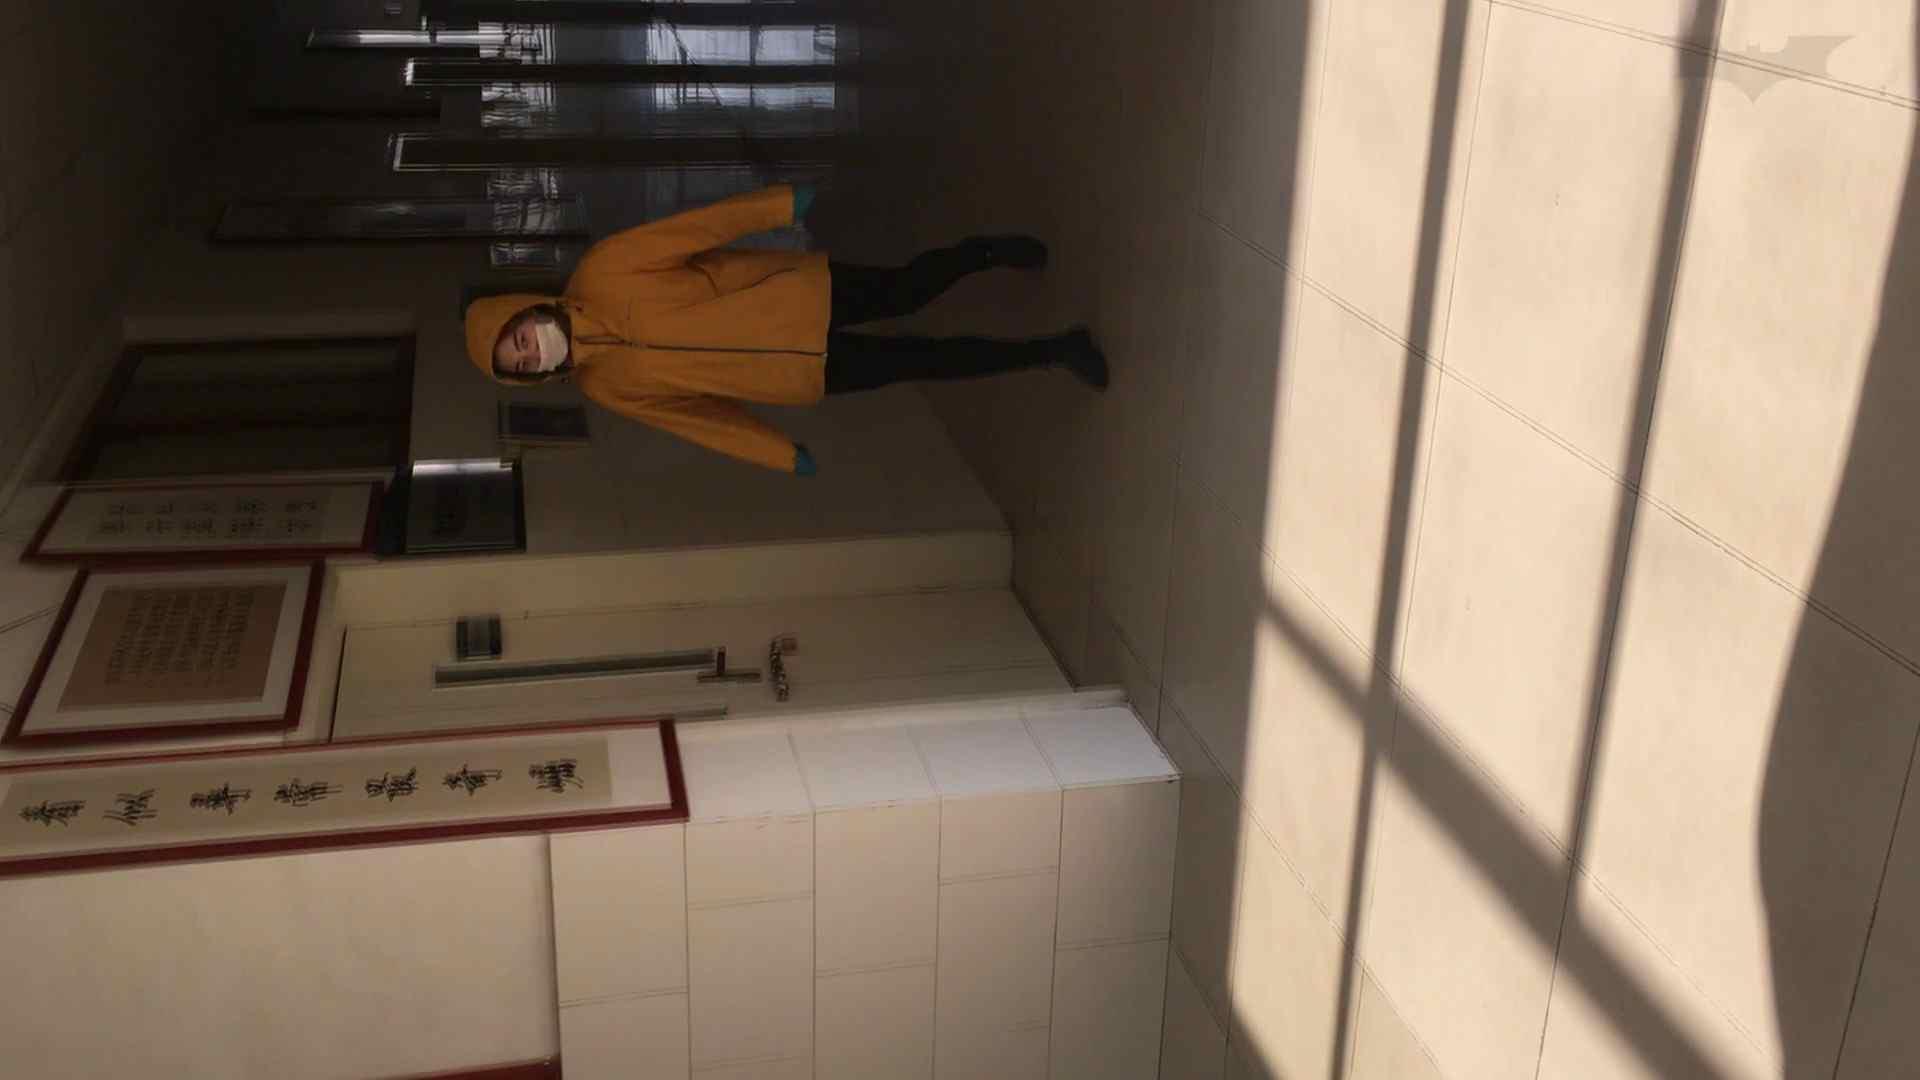 芸術大学ガチ潜入盗撮 JD盗撮 美女の洗面所の秘密 Vol.91 トイレ  72PIX 13